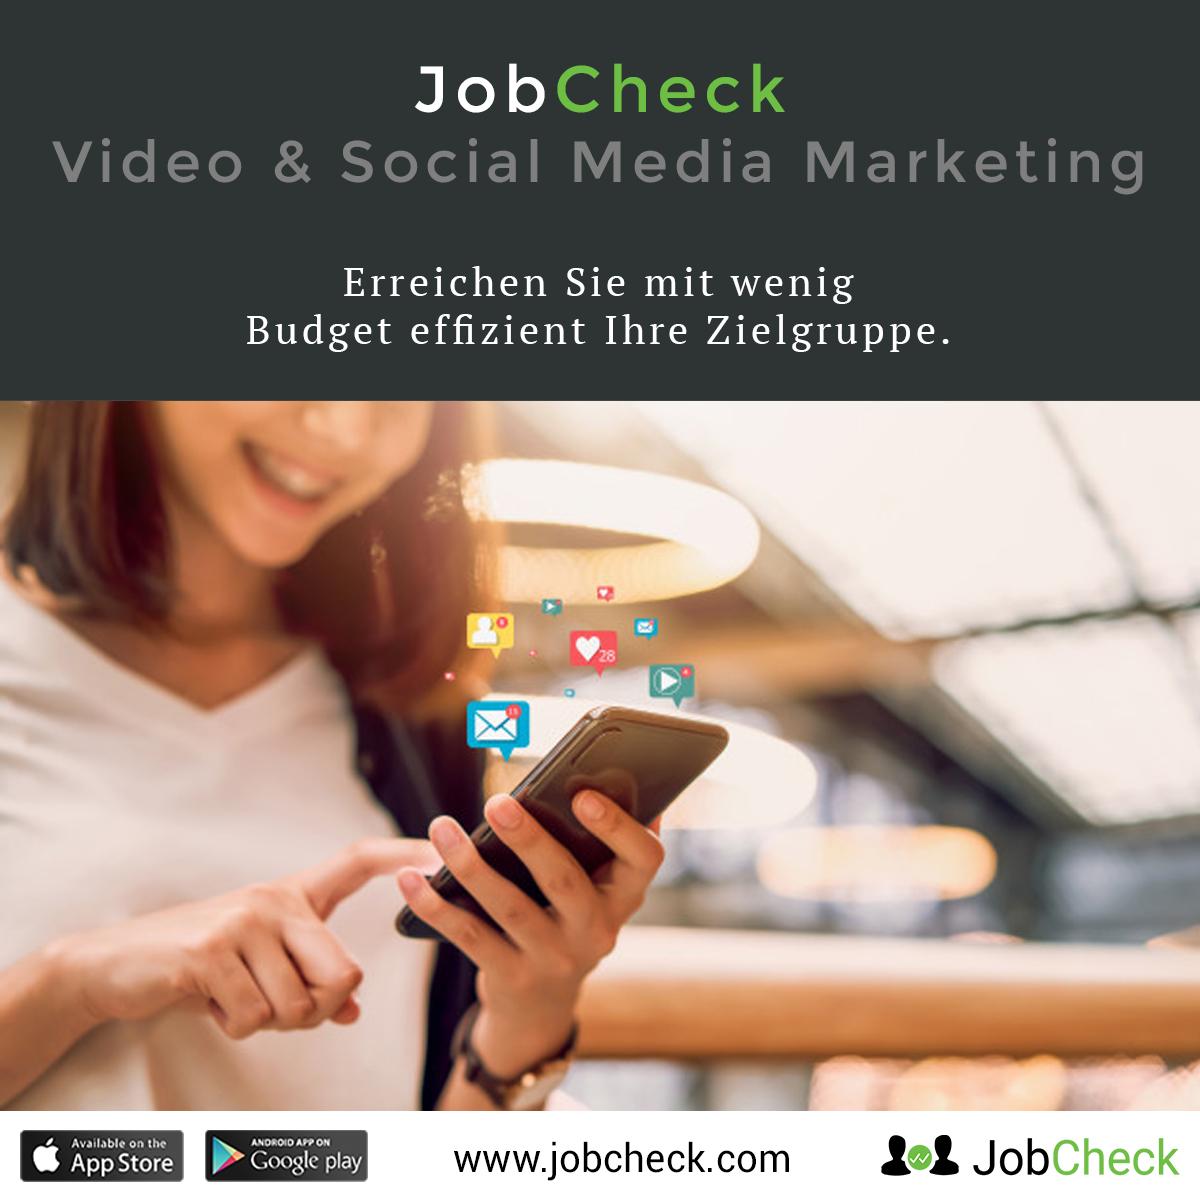 Unternehmen mit Jobs in deiner Nähe